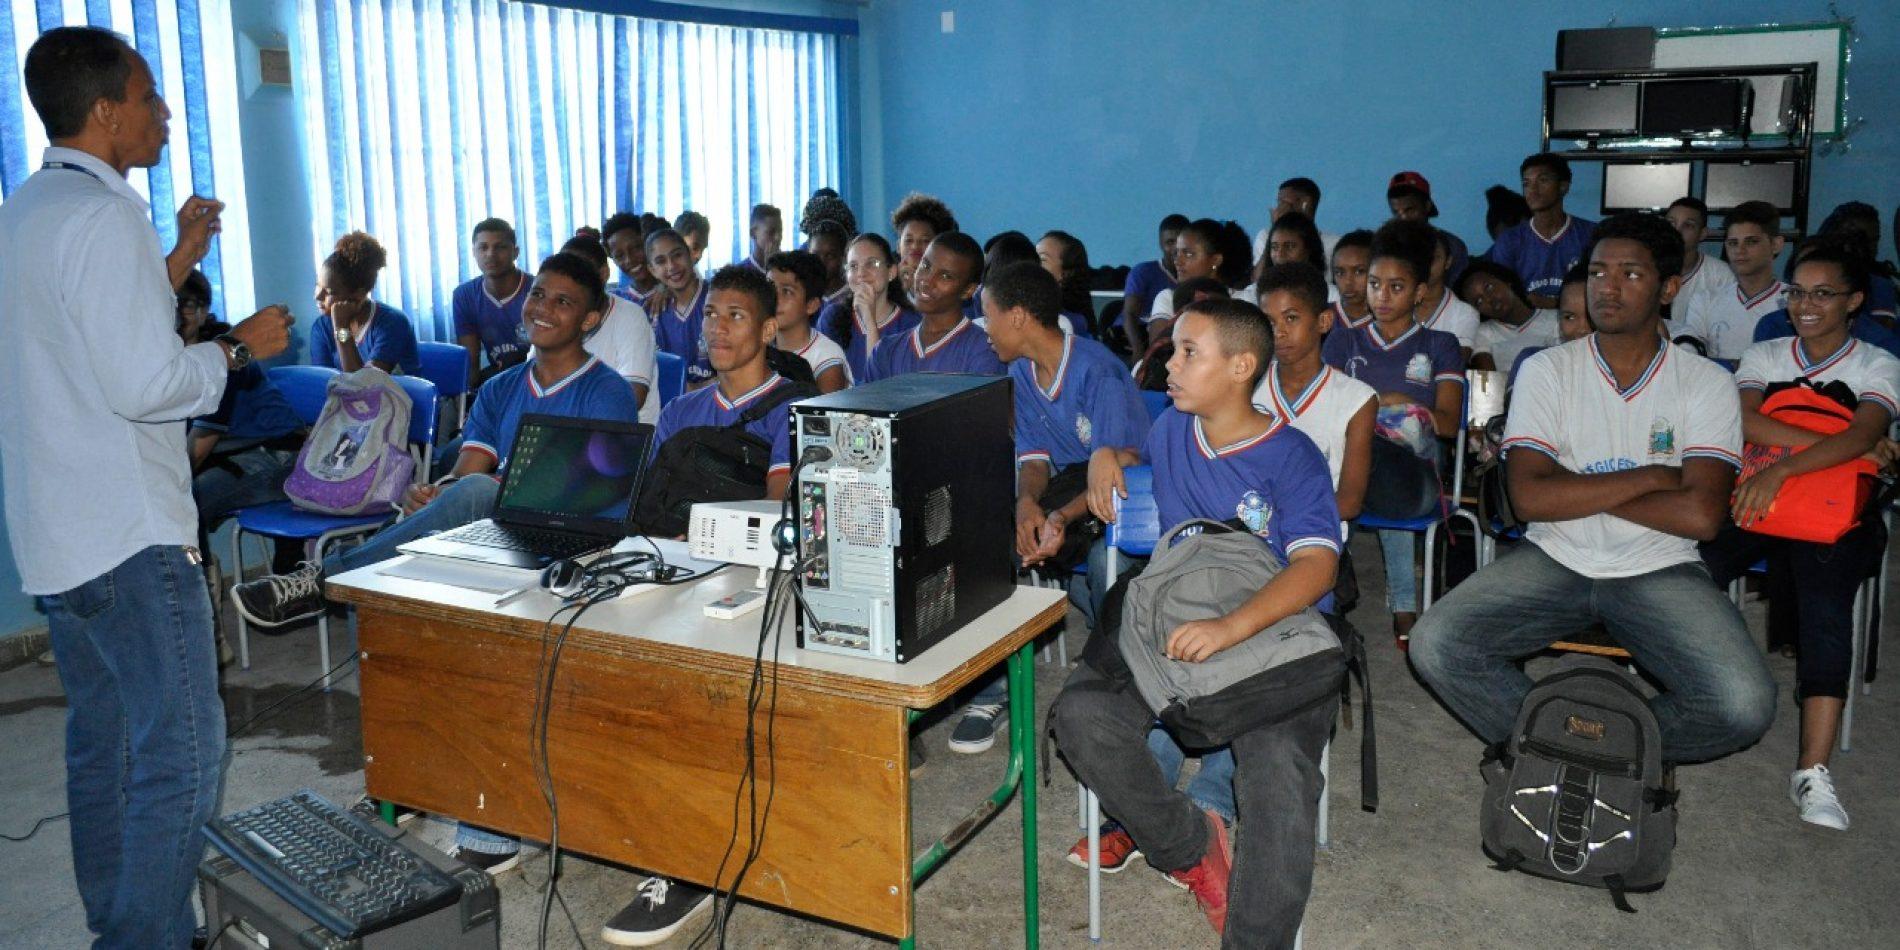 Mídias e Tecnologias educacionais e orientações para a Prova Brasil são apresentadas a estudantes e educadores de escola em Salvador